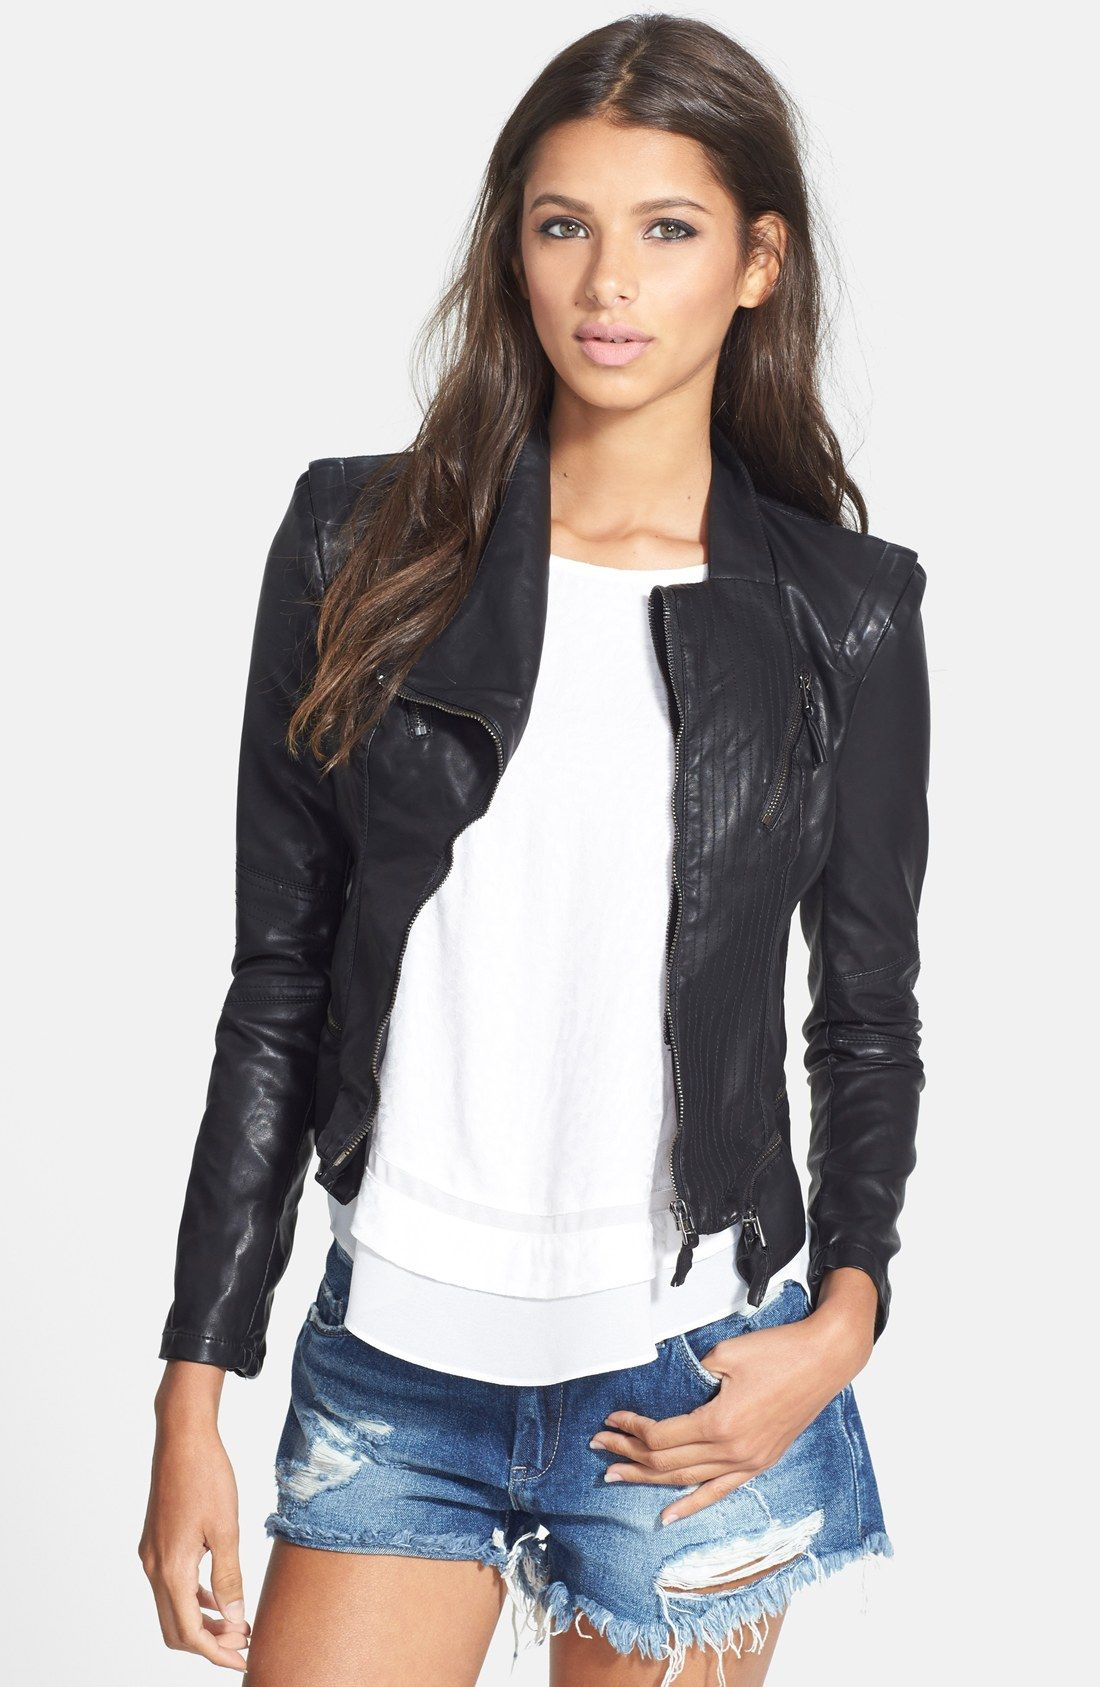 88b171389 BLANKNYC Faux Leather Jacket, Black, Medium | fashion and such ...